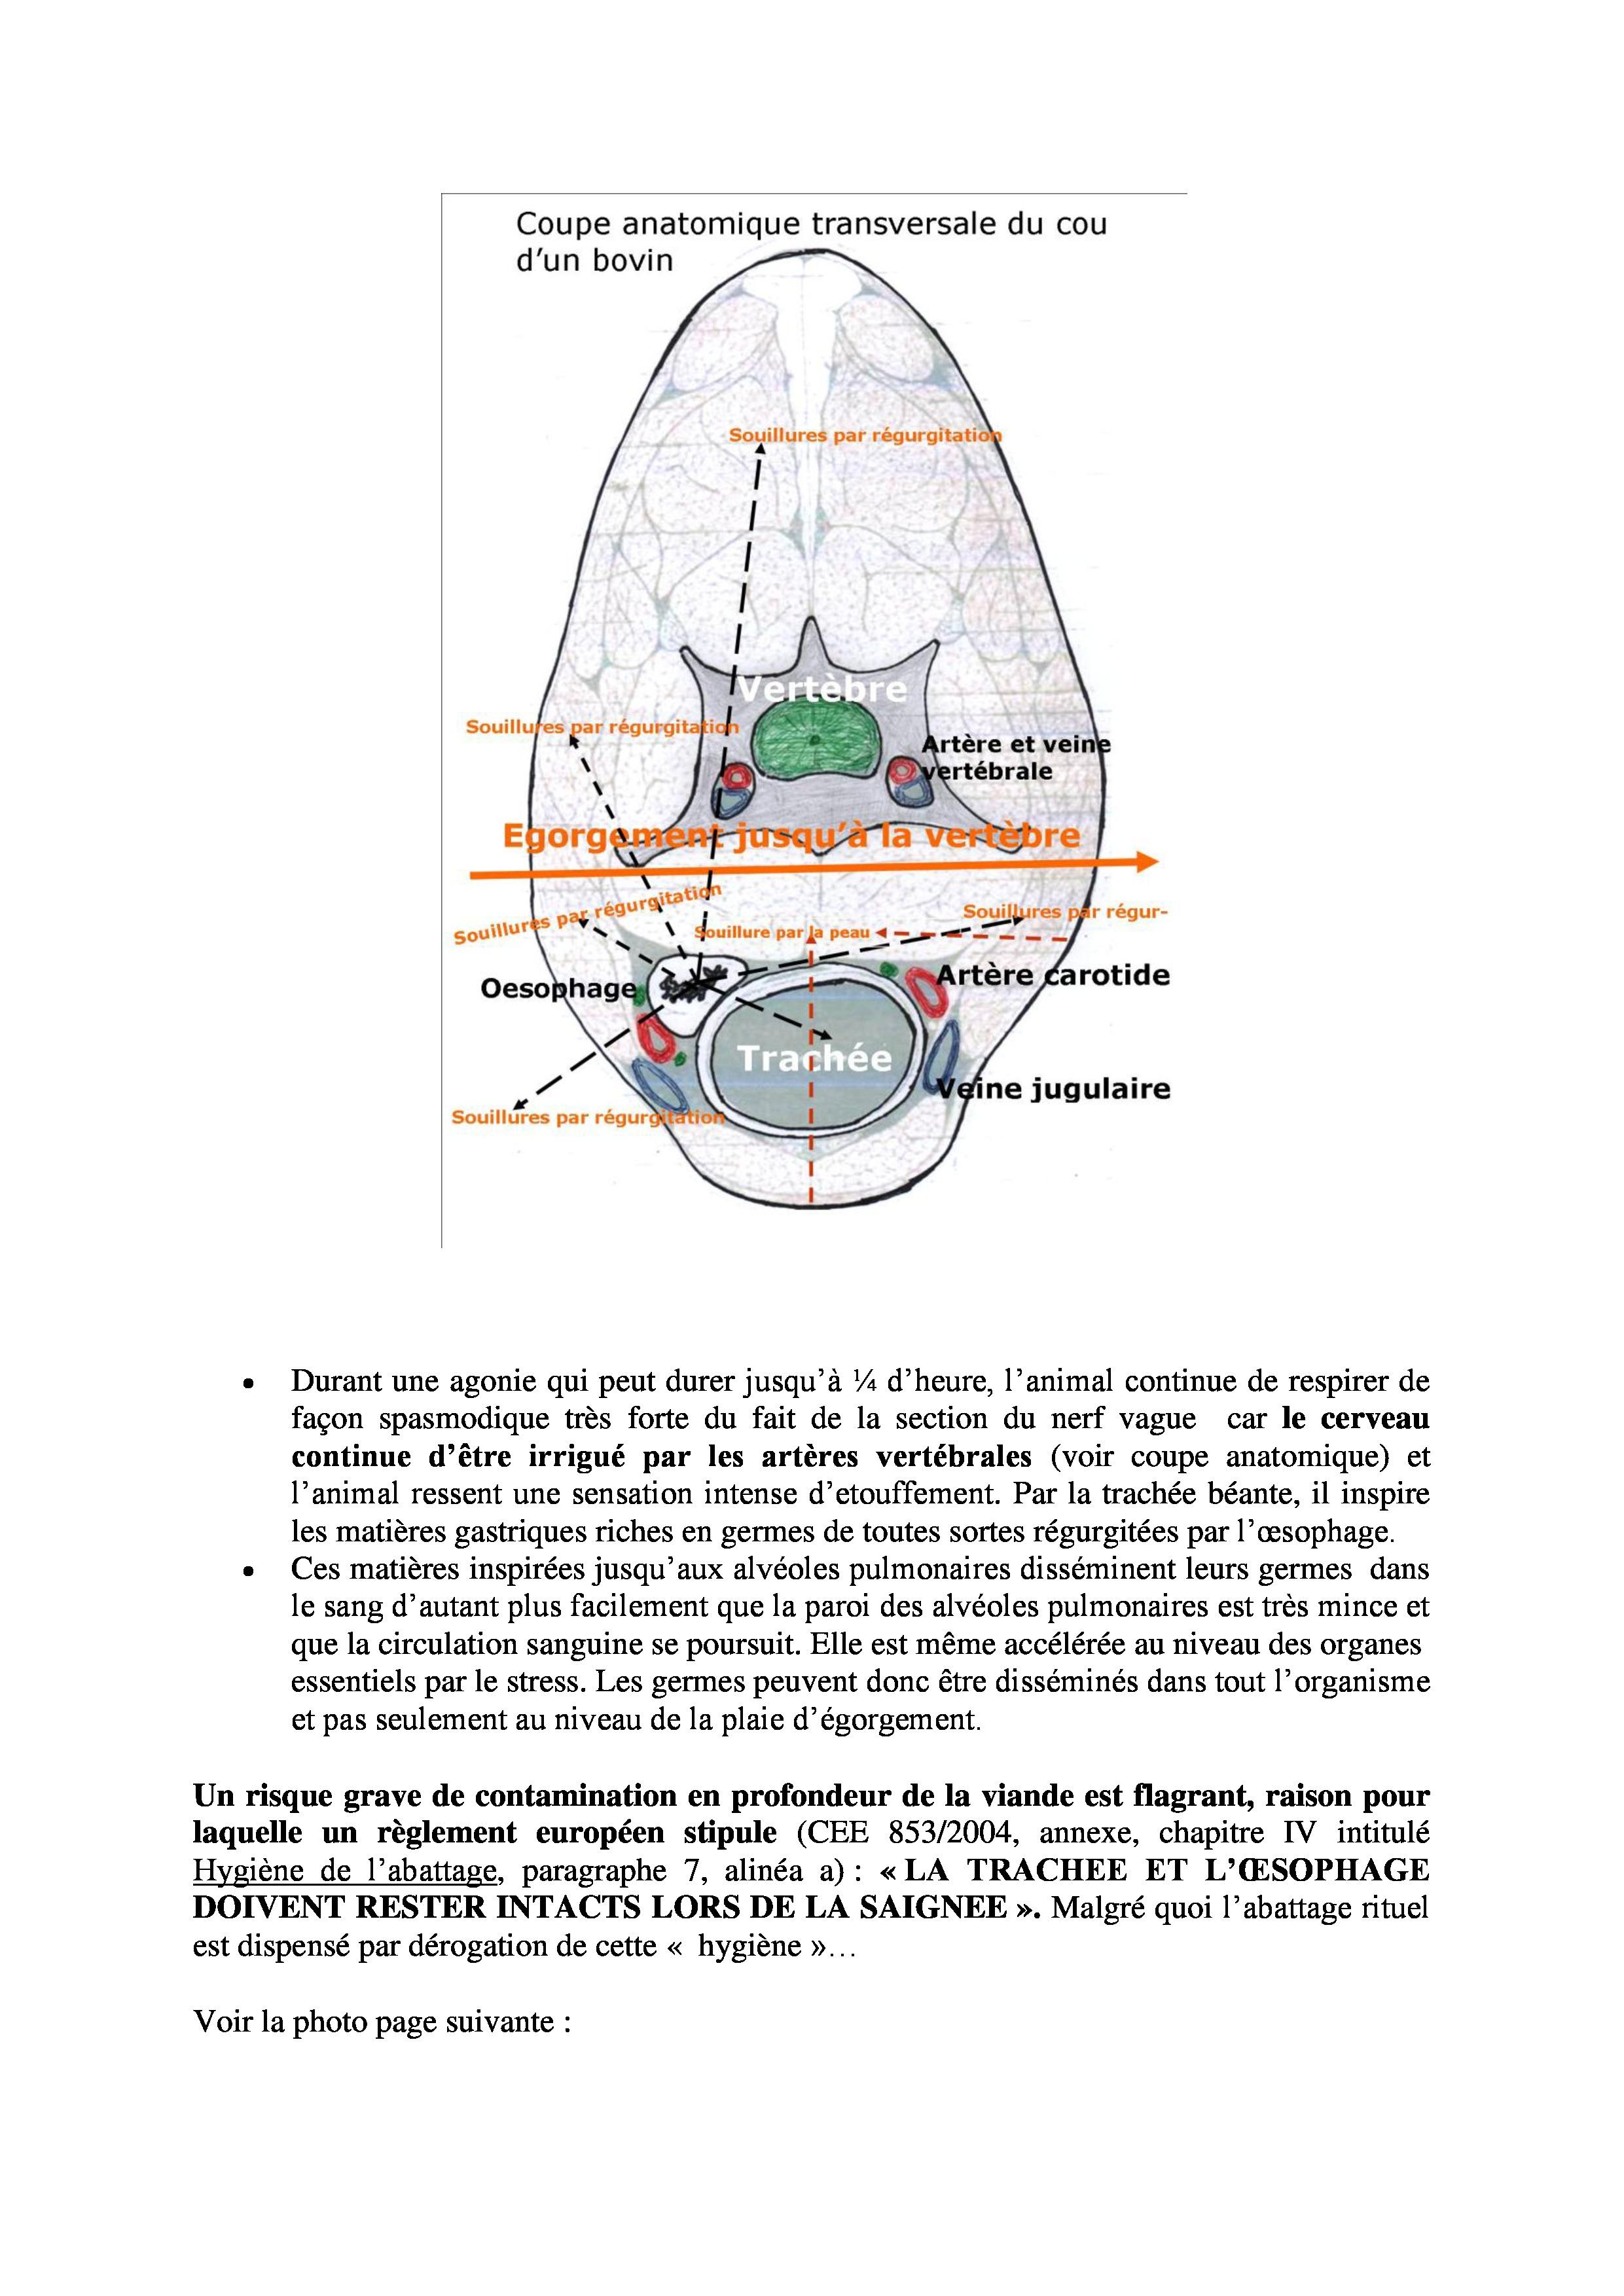 Les-risques-sanitaires-liés-à-labattage-halal-1-page-1